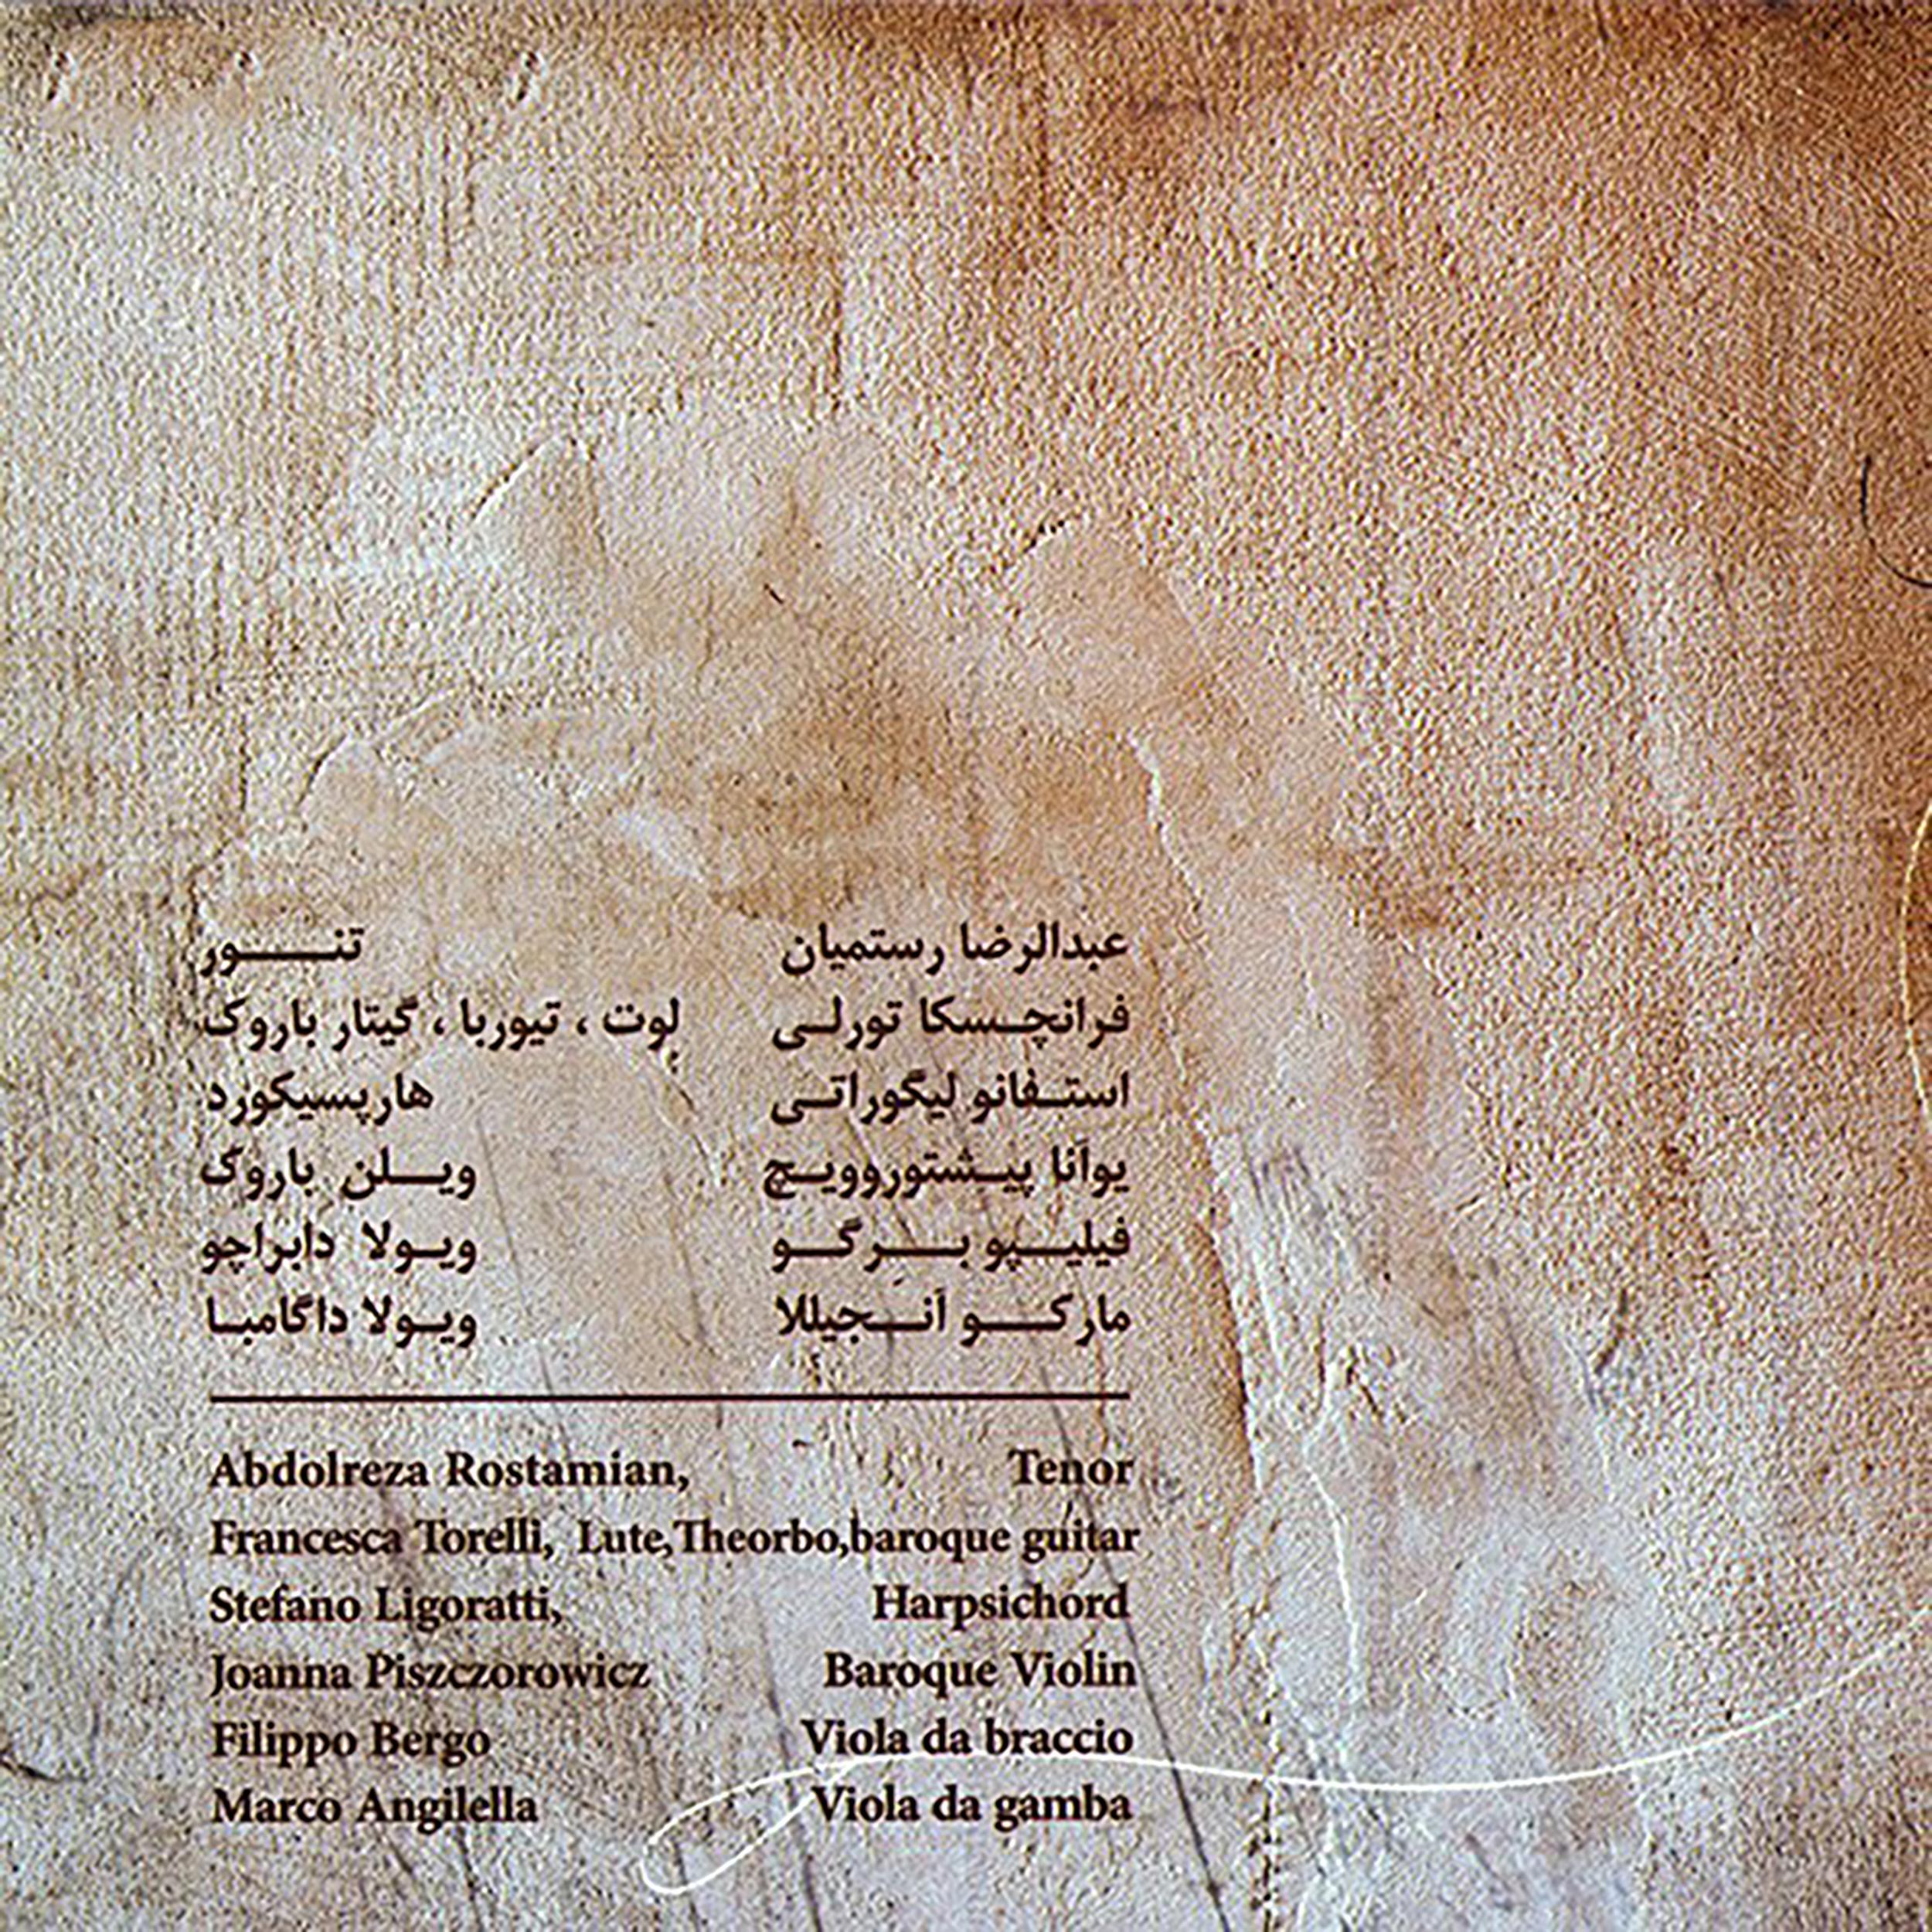 آلبوم موسیقی آوازهای باروک اثر عبدالرضا رستمیان